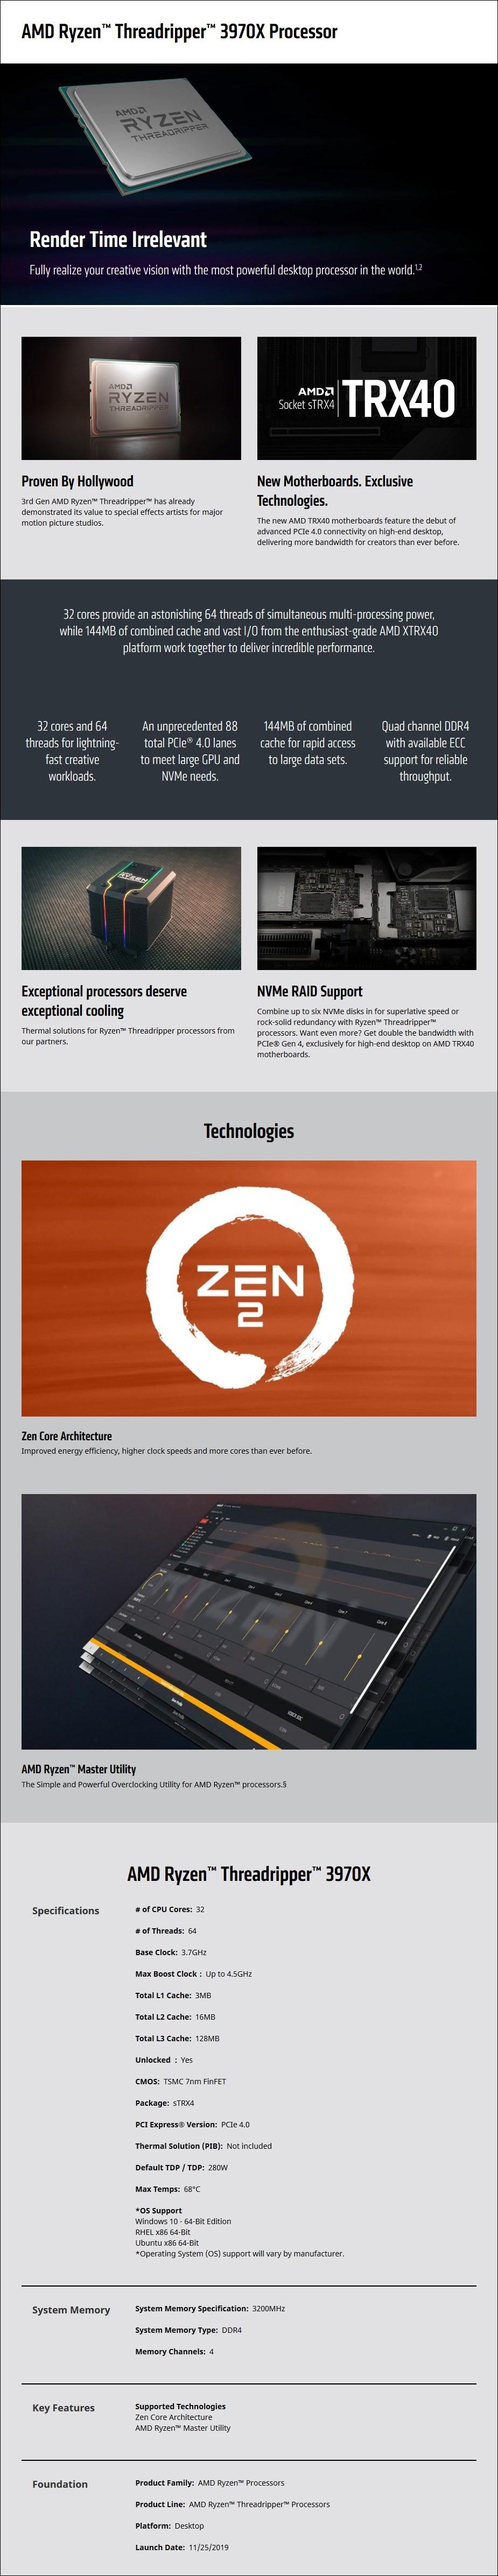 AMD Ryzen Threadripper 3970X 32-Core TRX4 3.70 GHz Unlocked CPU Processor - Overview 1